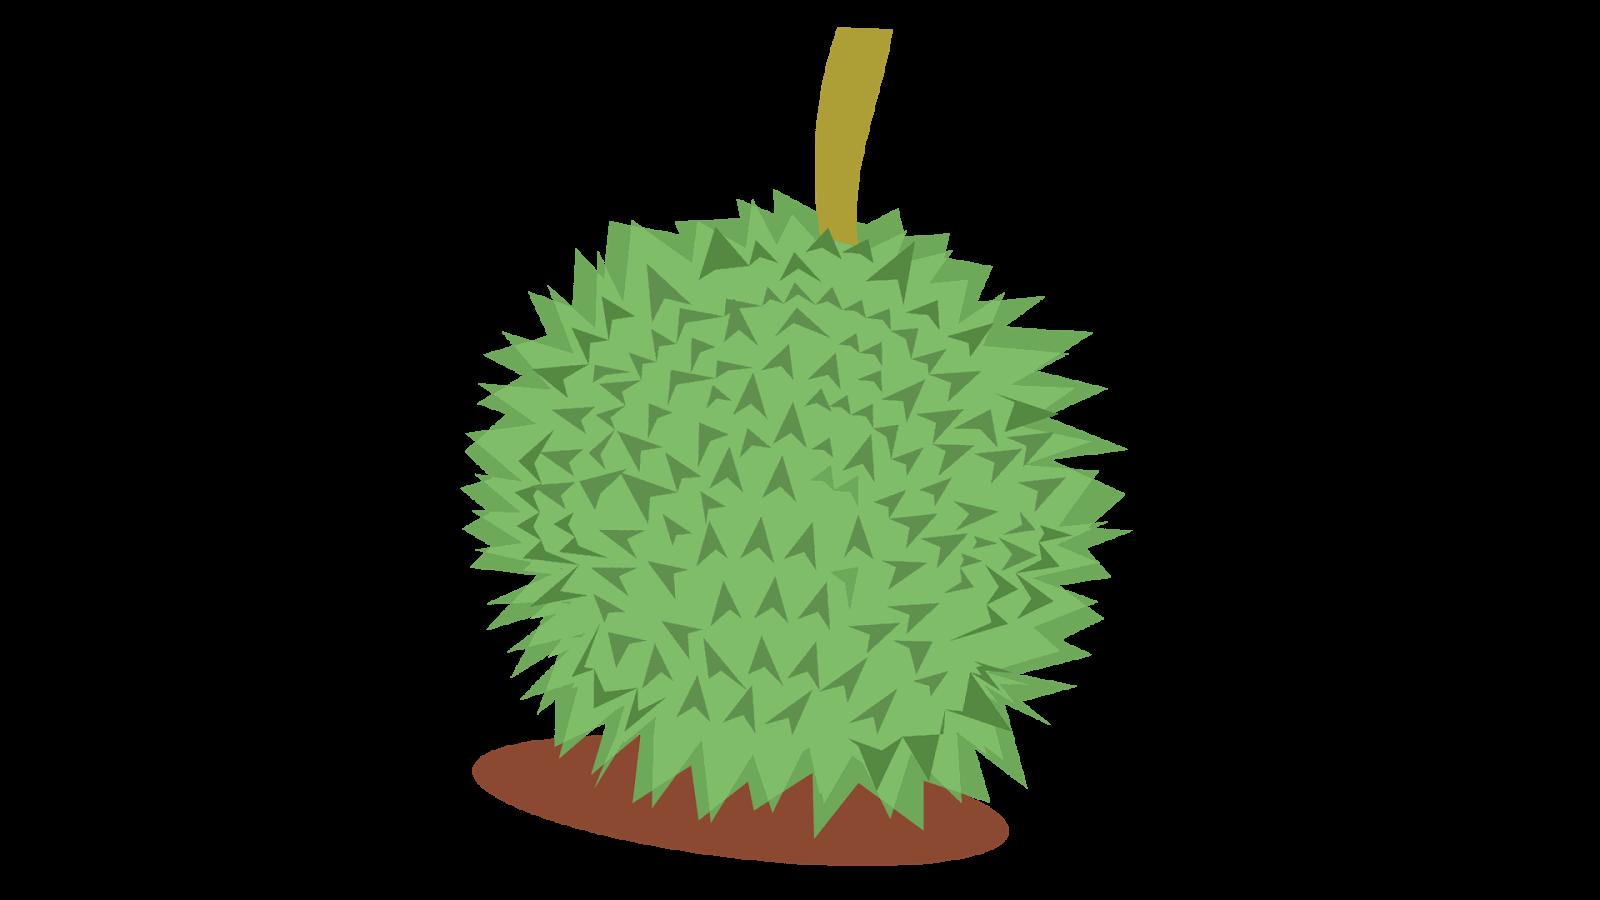 Kumpulan Gambar Karikatur Durian